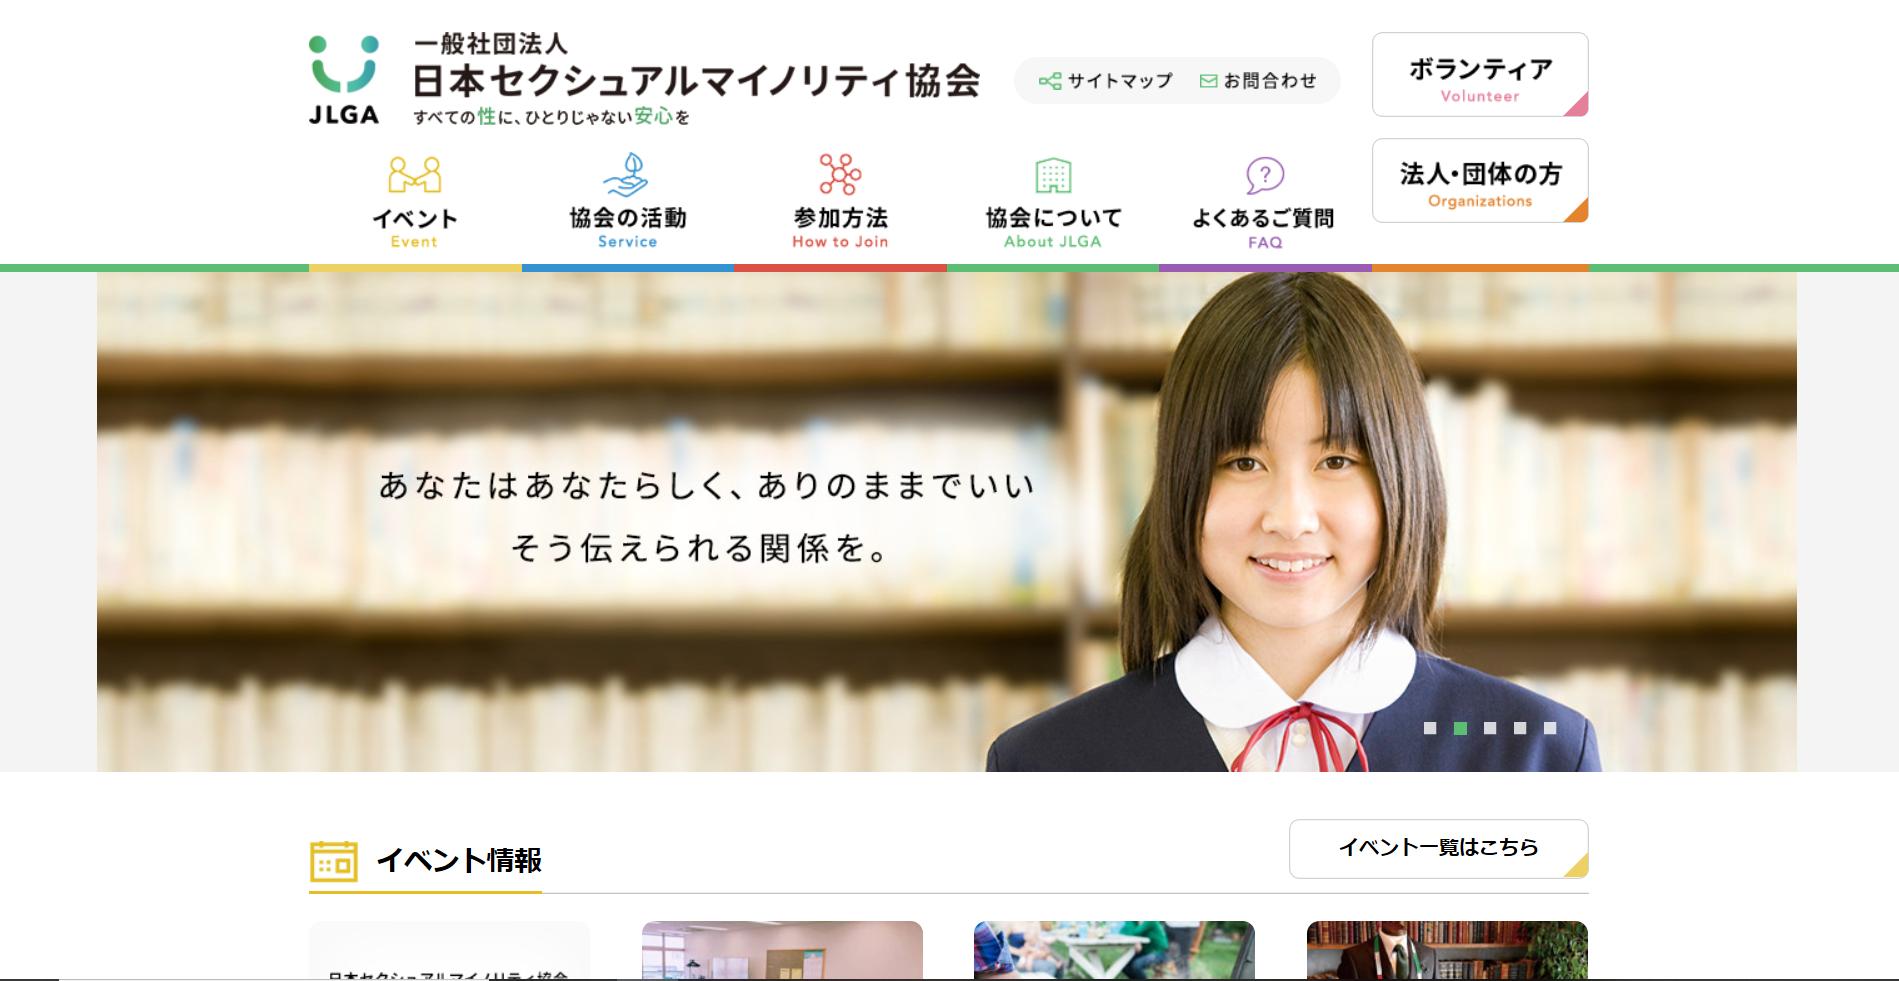 日本セクシャルマイノリティ協会